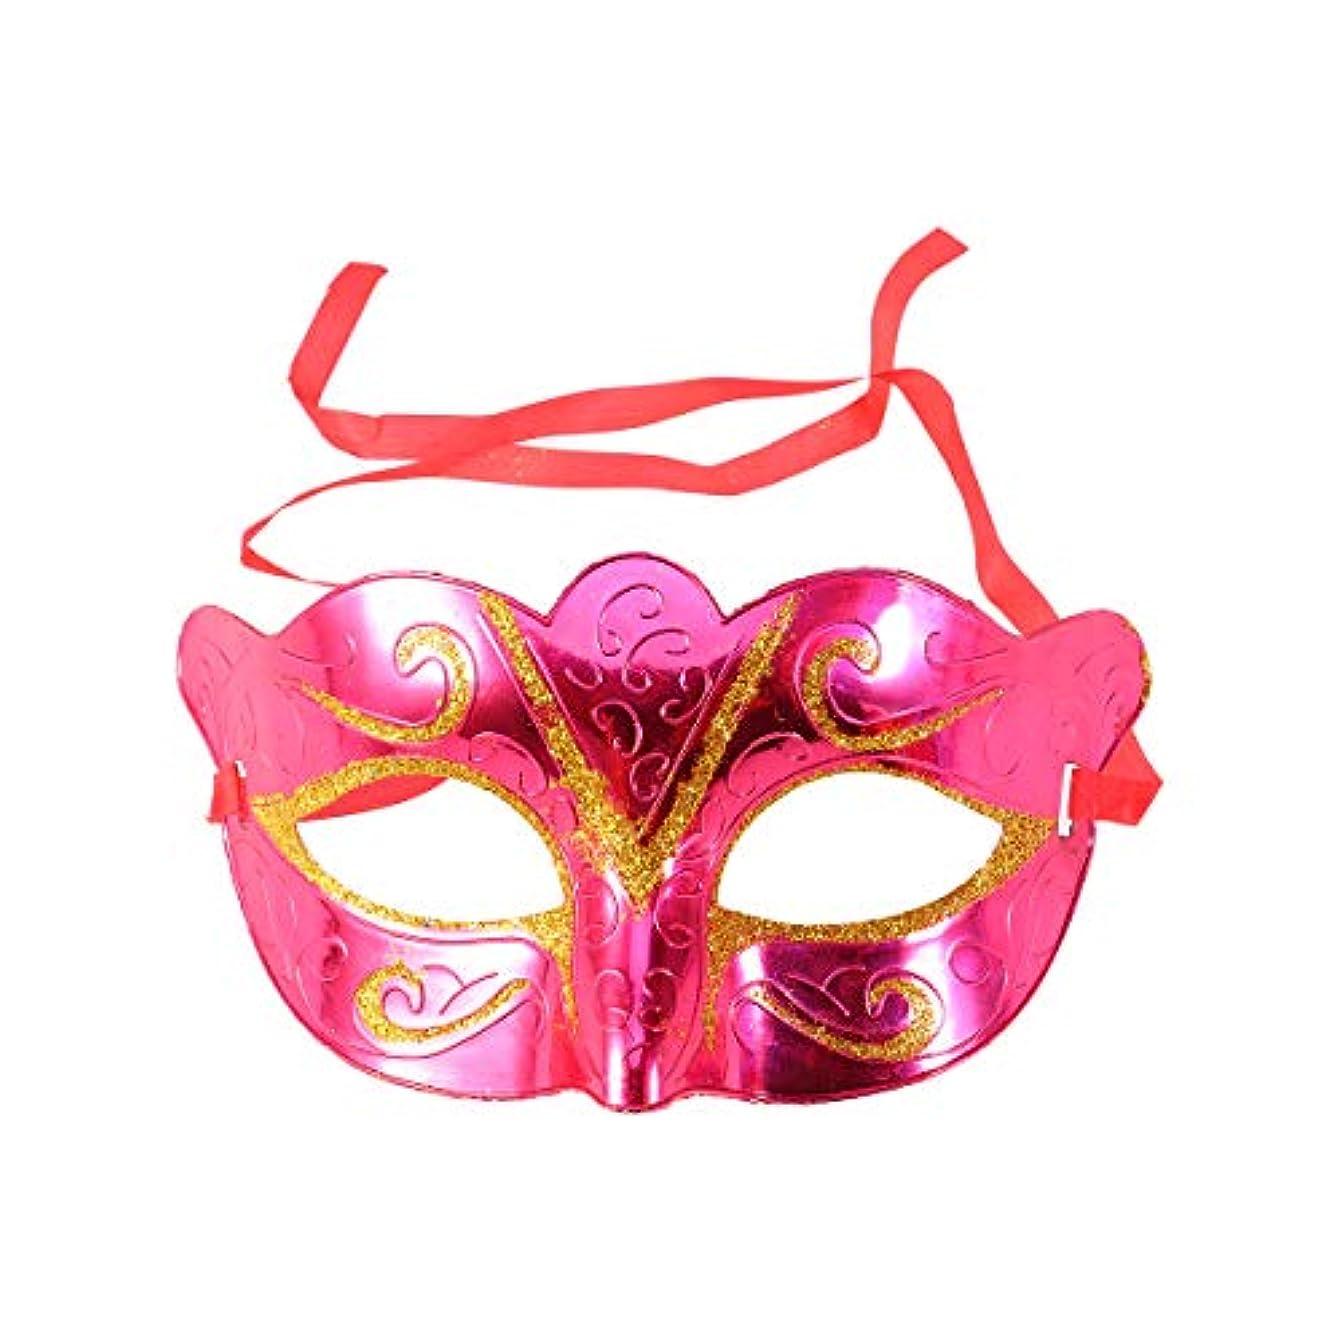 TOYANDONA ハロウィーンカーニバルパーティーのための12個のプラスチックマスカレードマスクヴェネツィアハーフフェイスパーティーマスク(ランダムカラー)